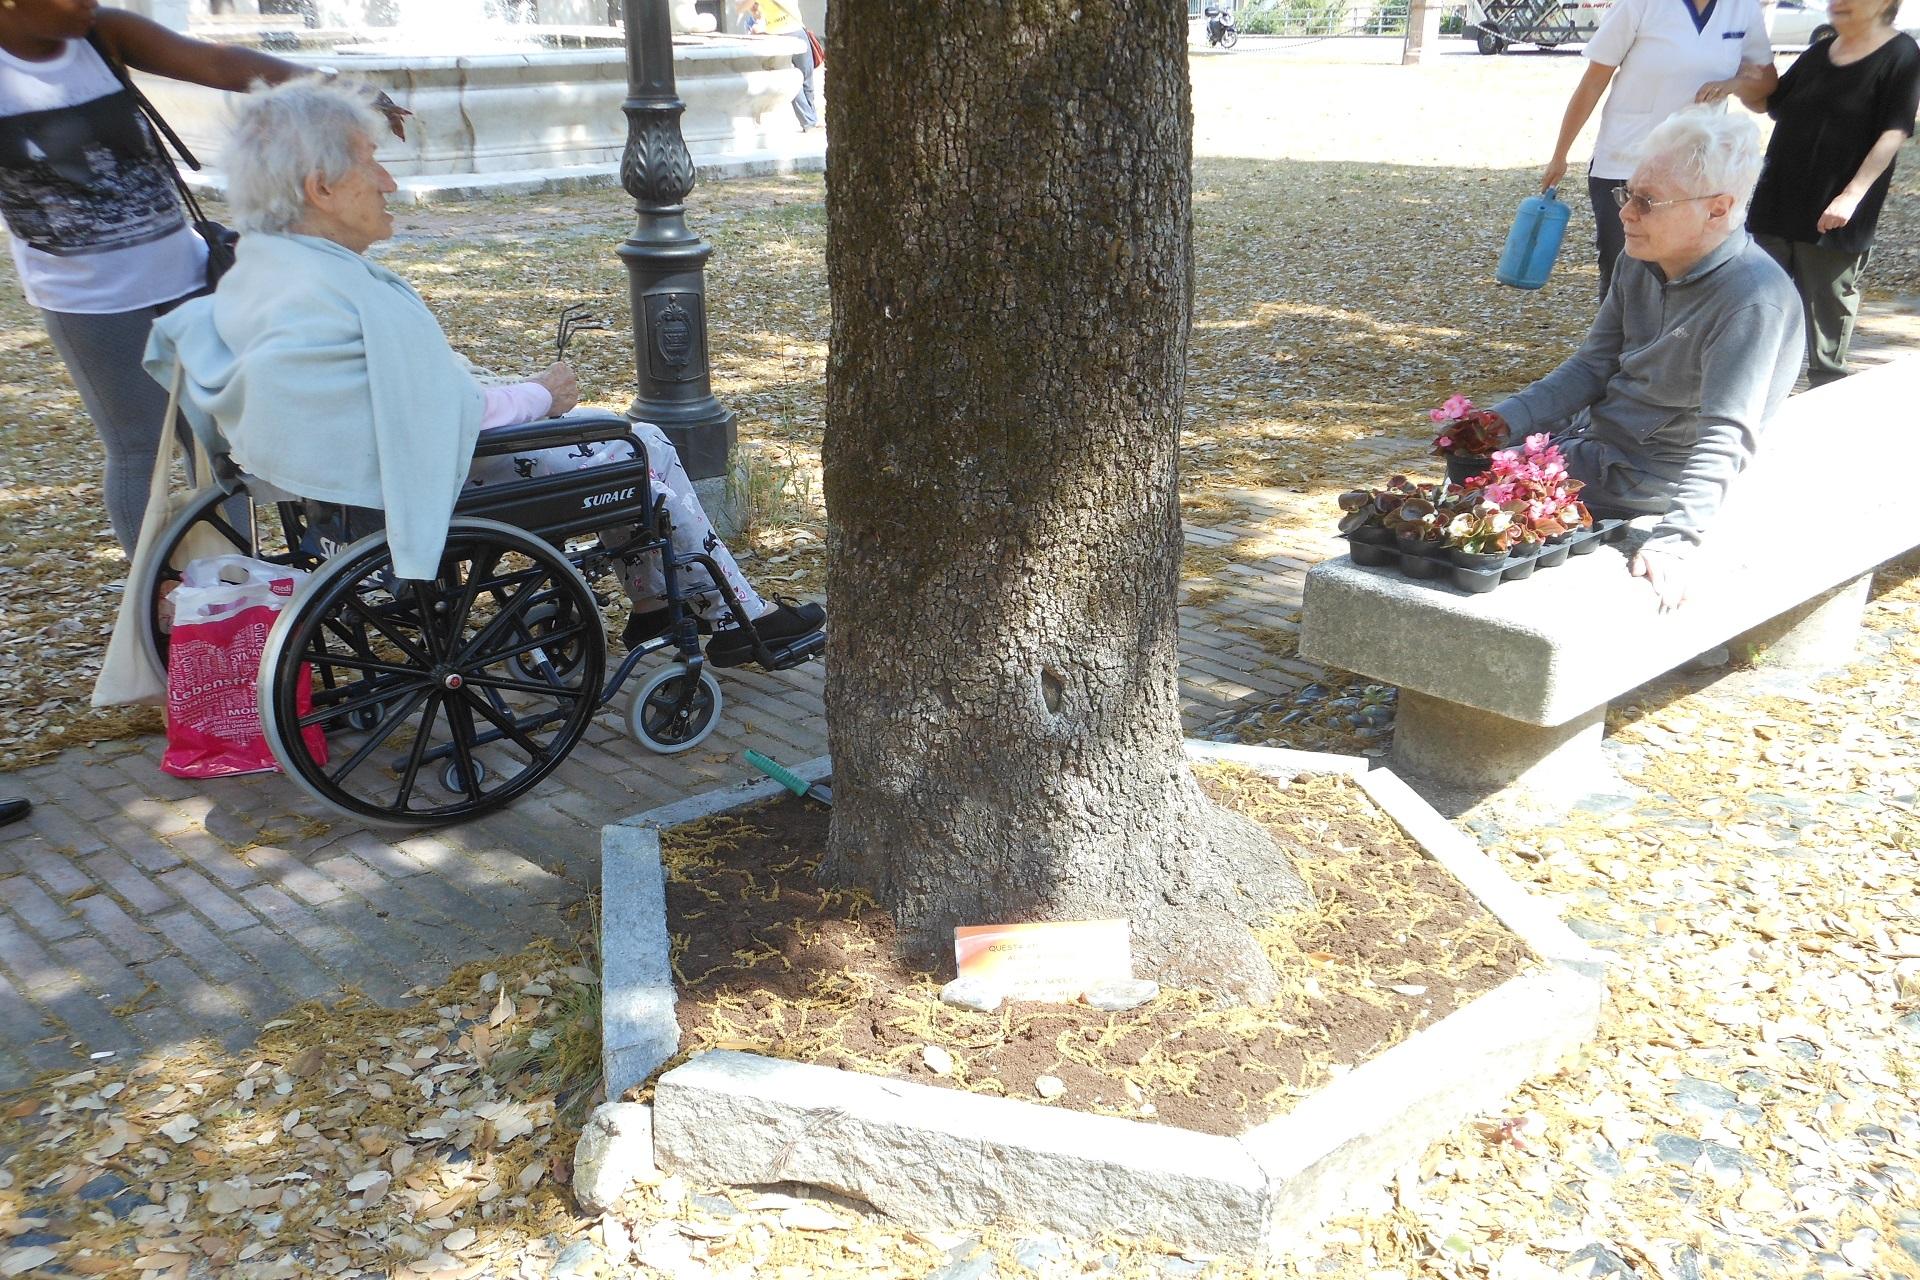 Festa del Santuario Residenza Protetta Santuario e Residenza Sanitaria Assistenziale Noceti   Opere Sociali Servizi Savona